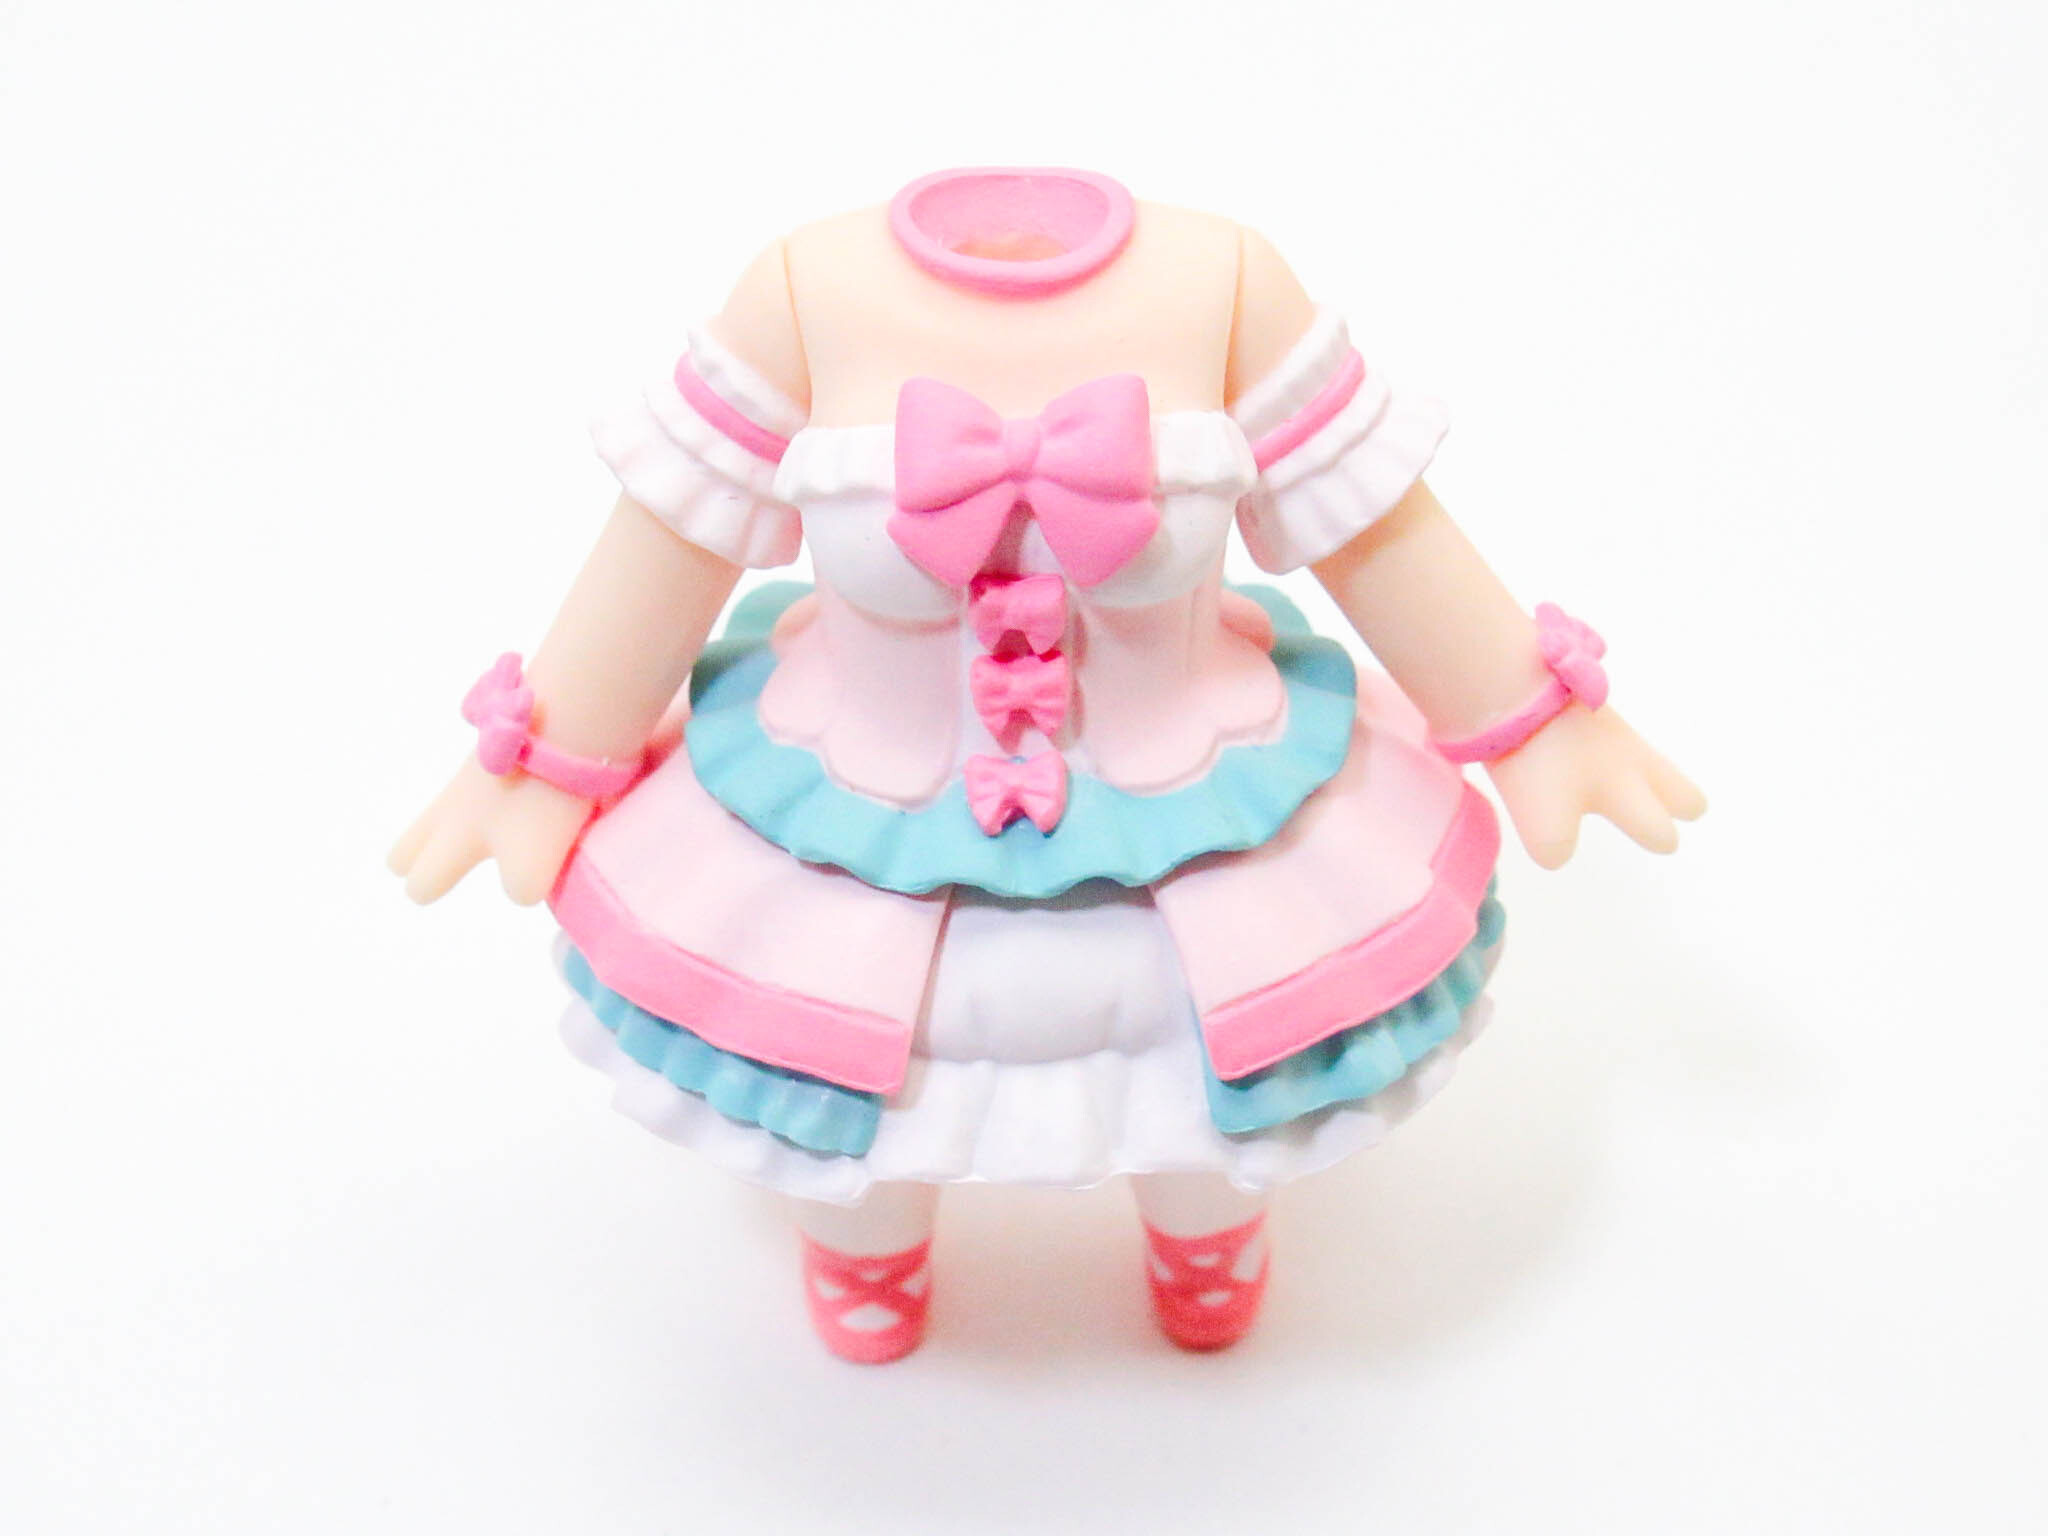 【SALE】【1139】 丸山彩 体パーツ ライブ衣装 ねんどろいど